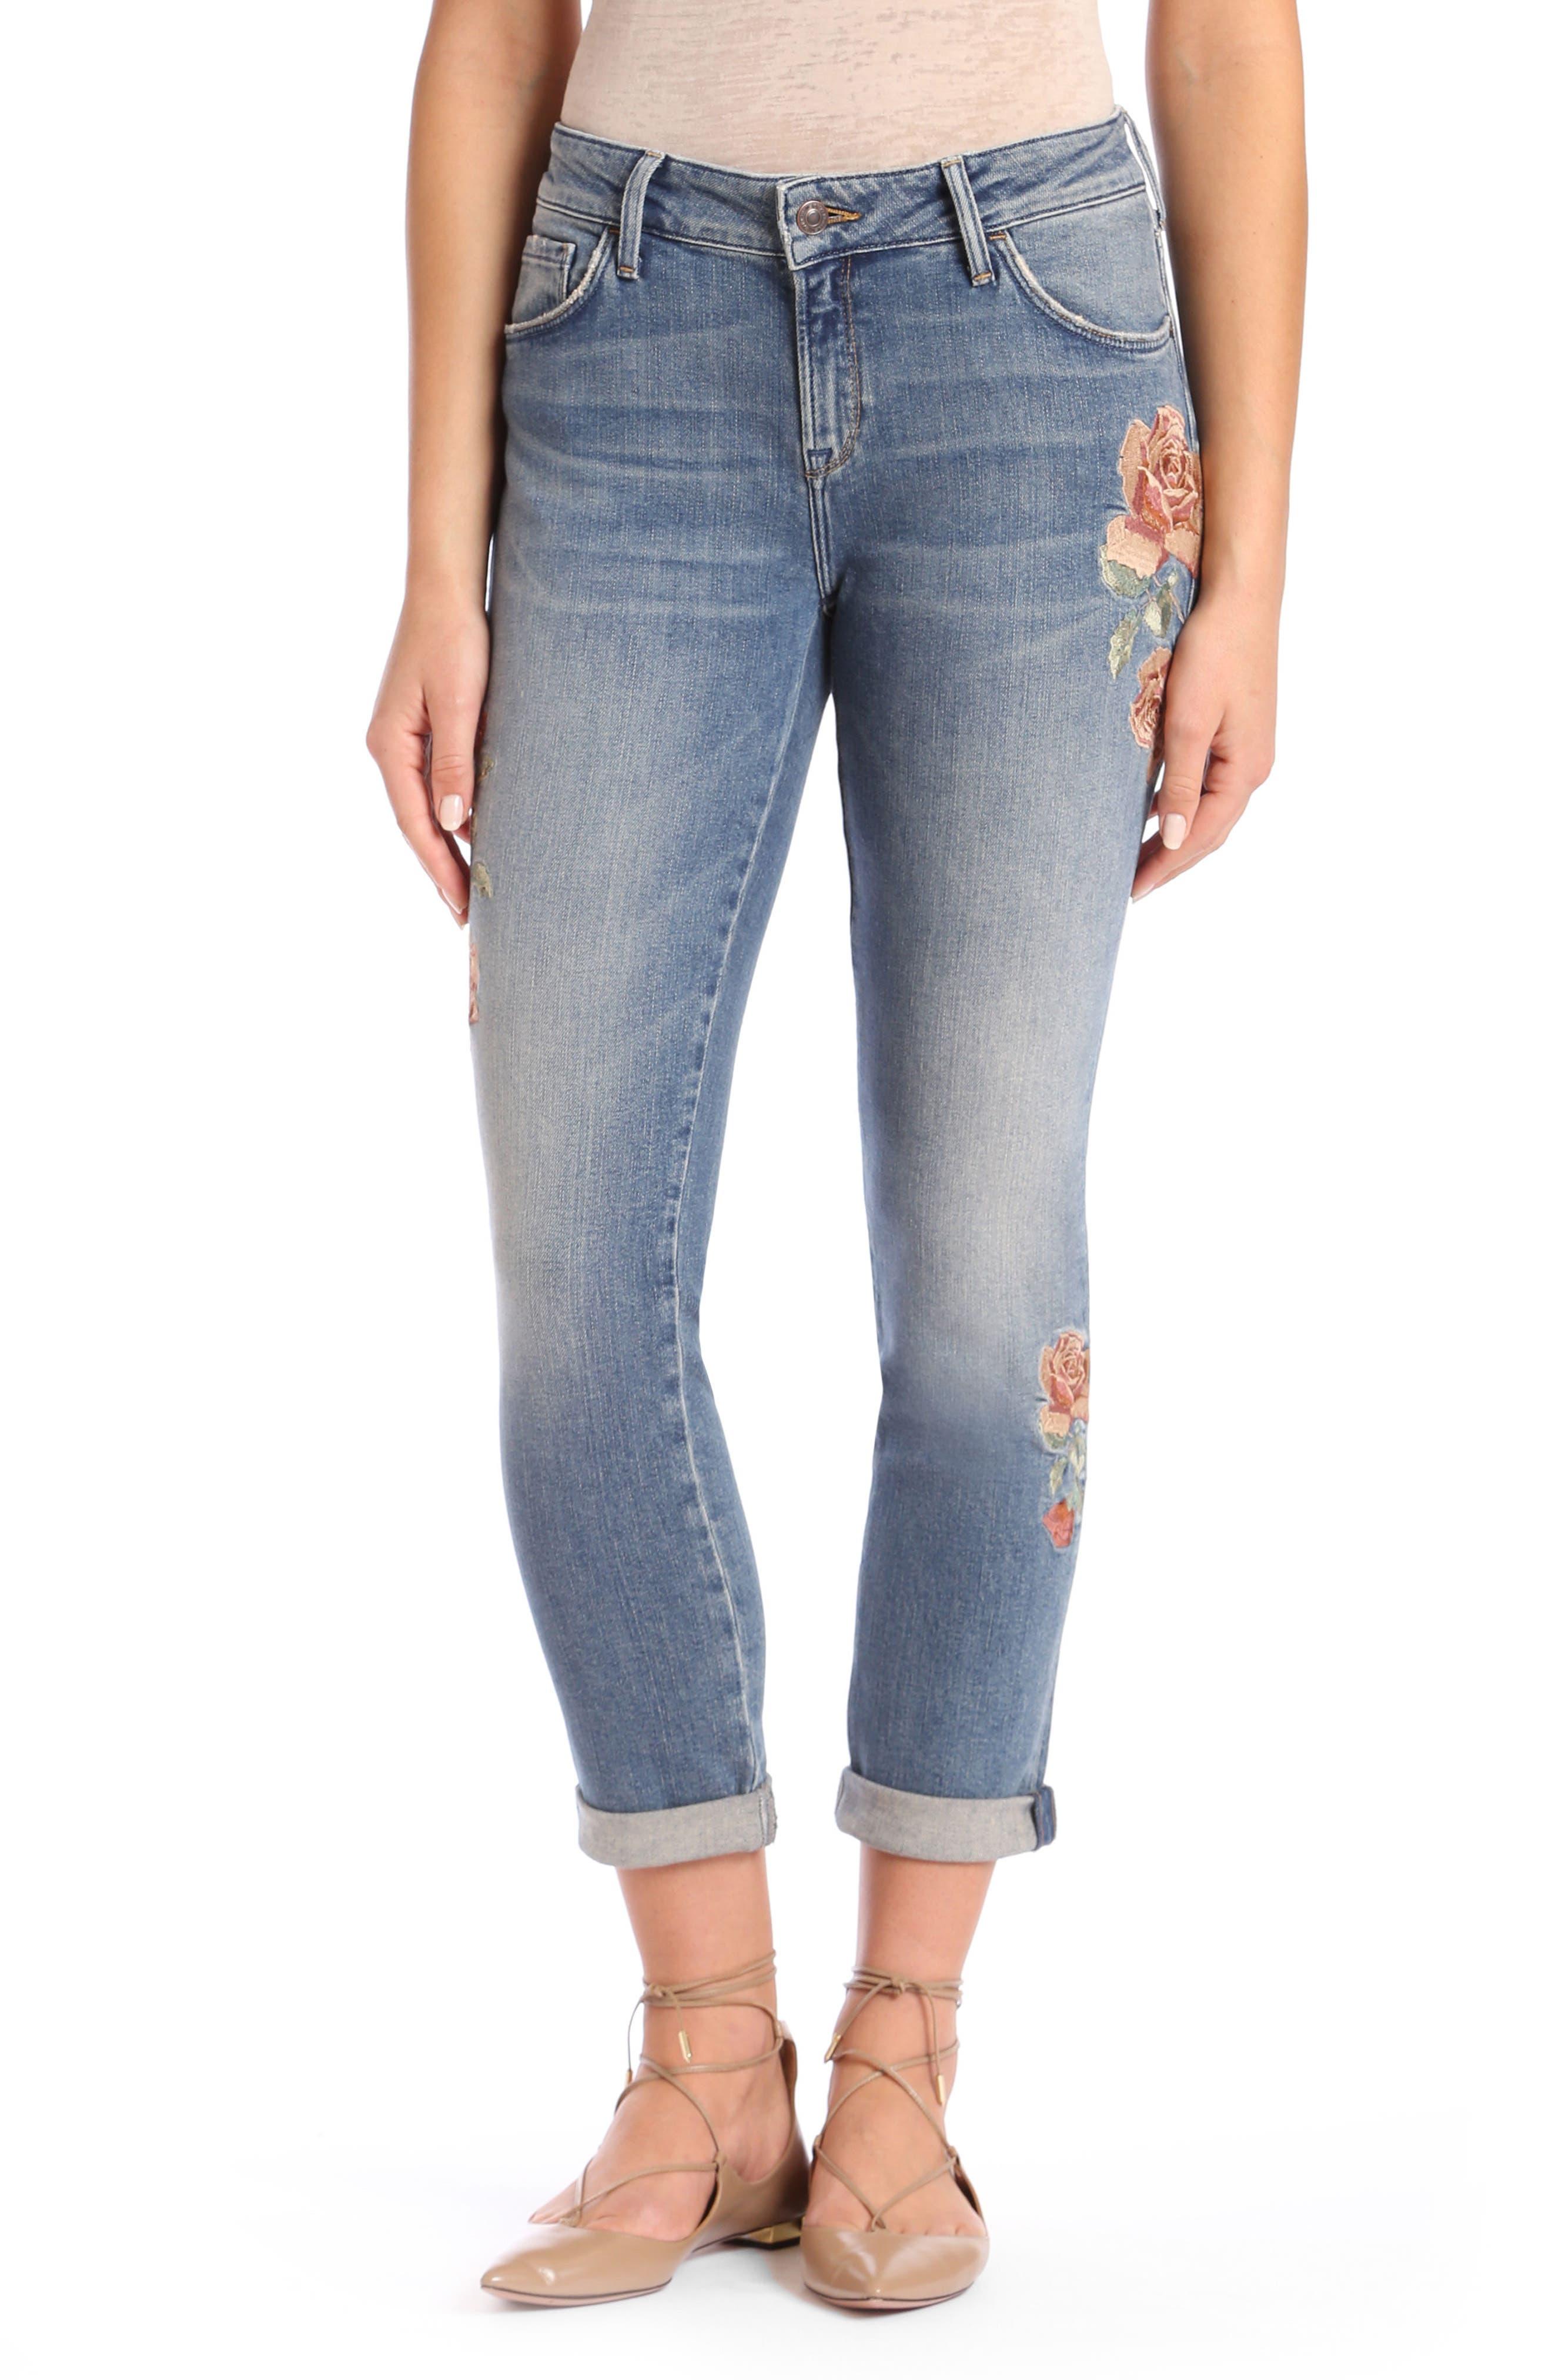 Mavi Jeans Ada Embroidered Boyfriend Jeans